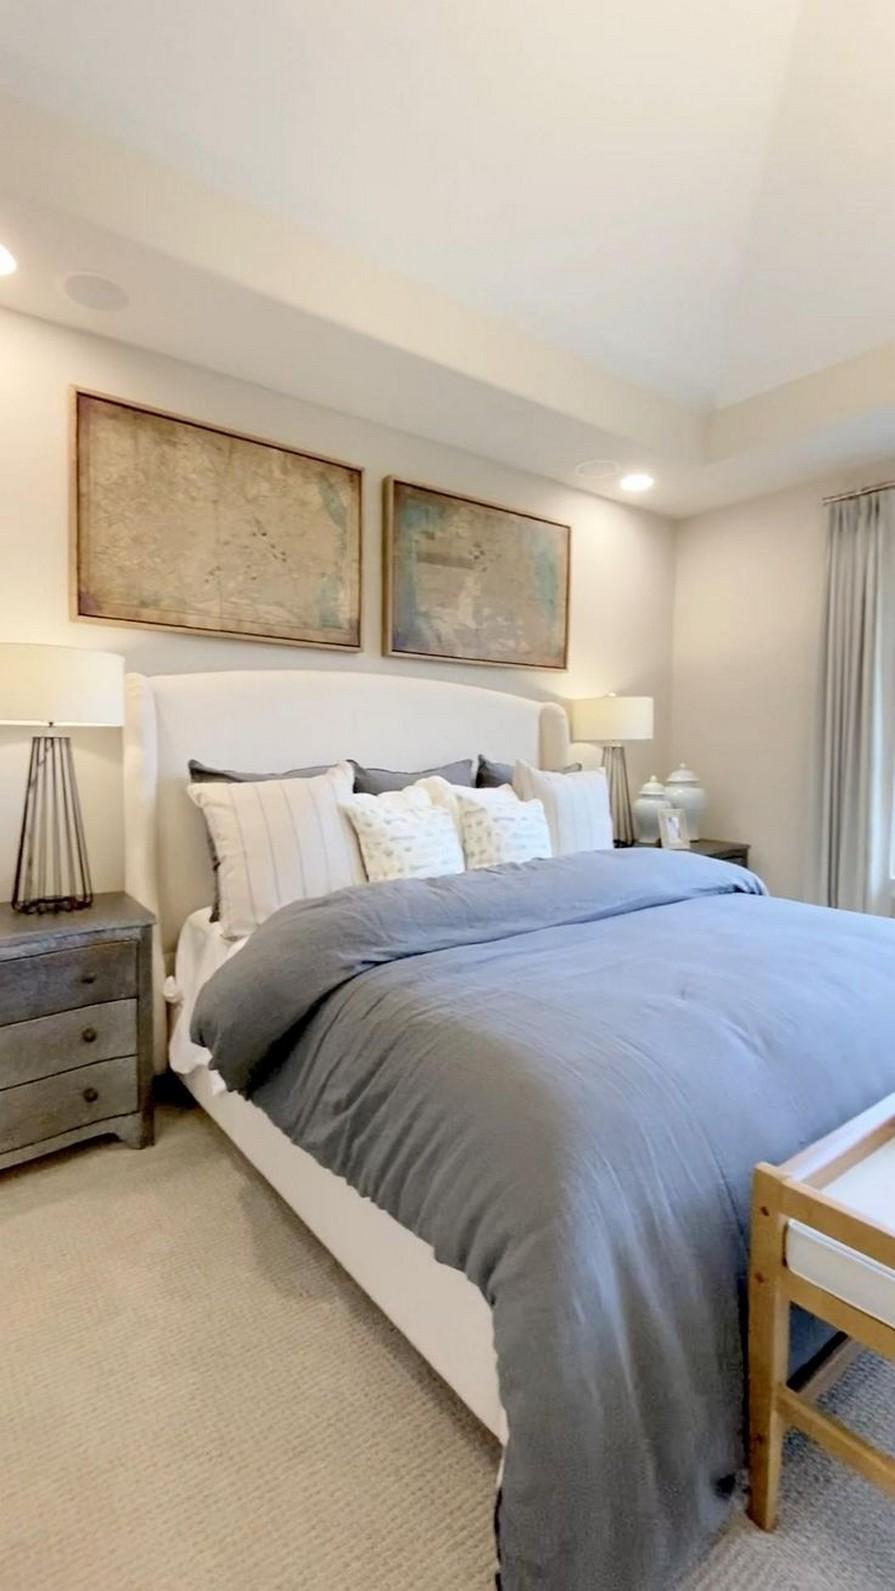 11 Bedroom Design Interior – Home Decor 49